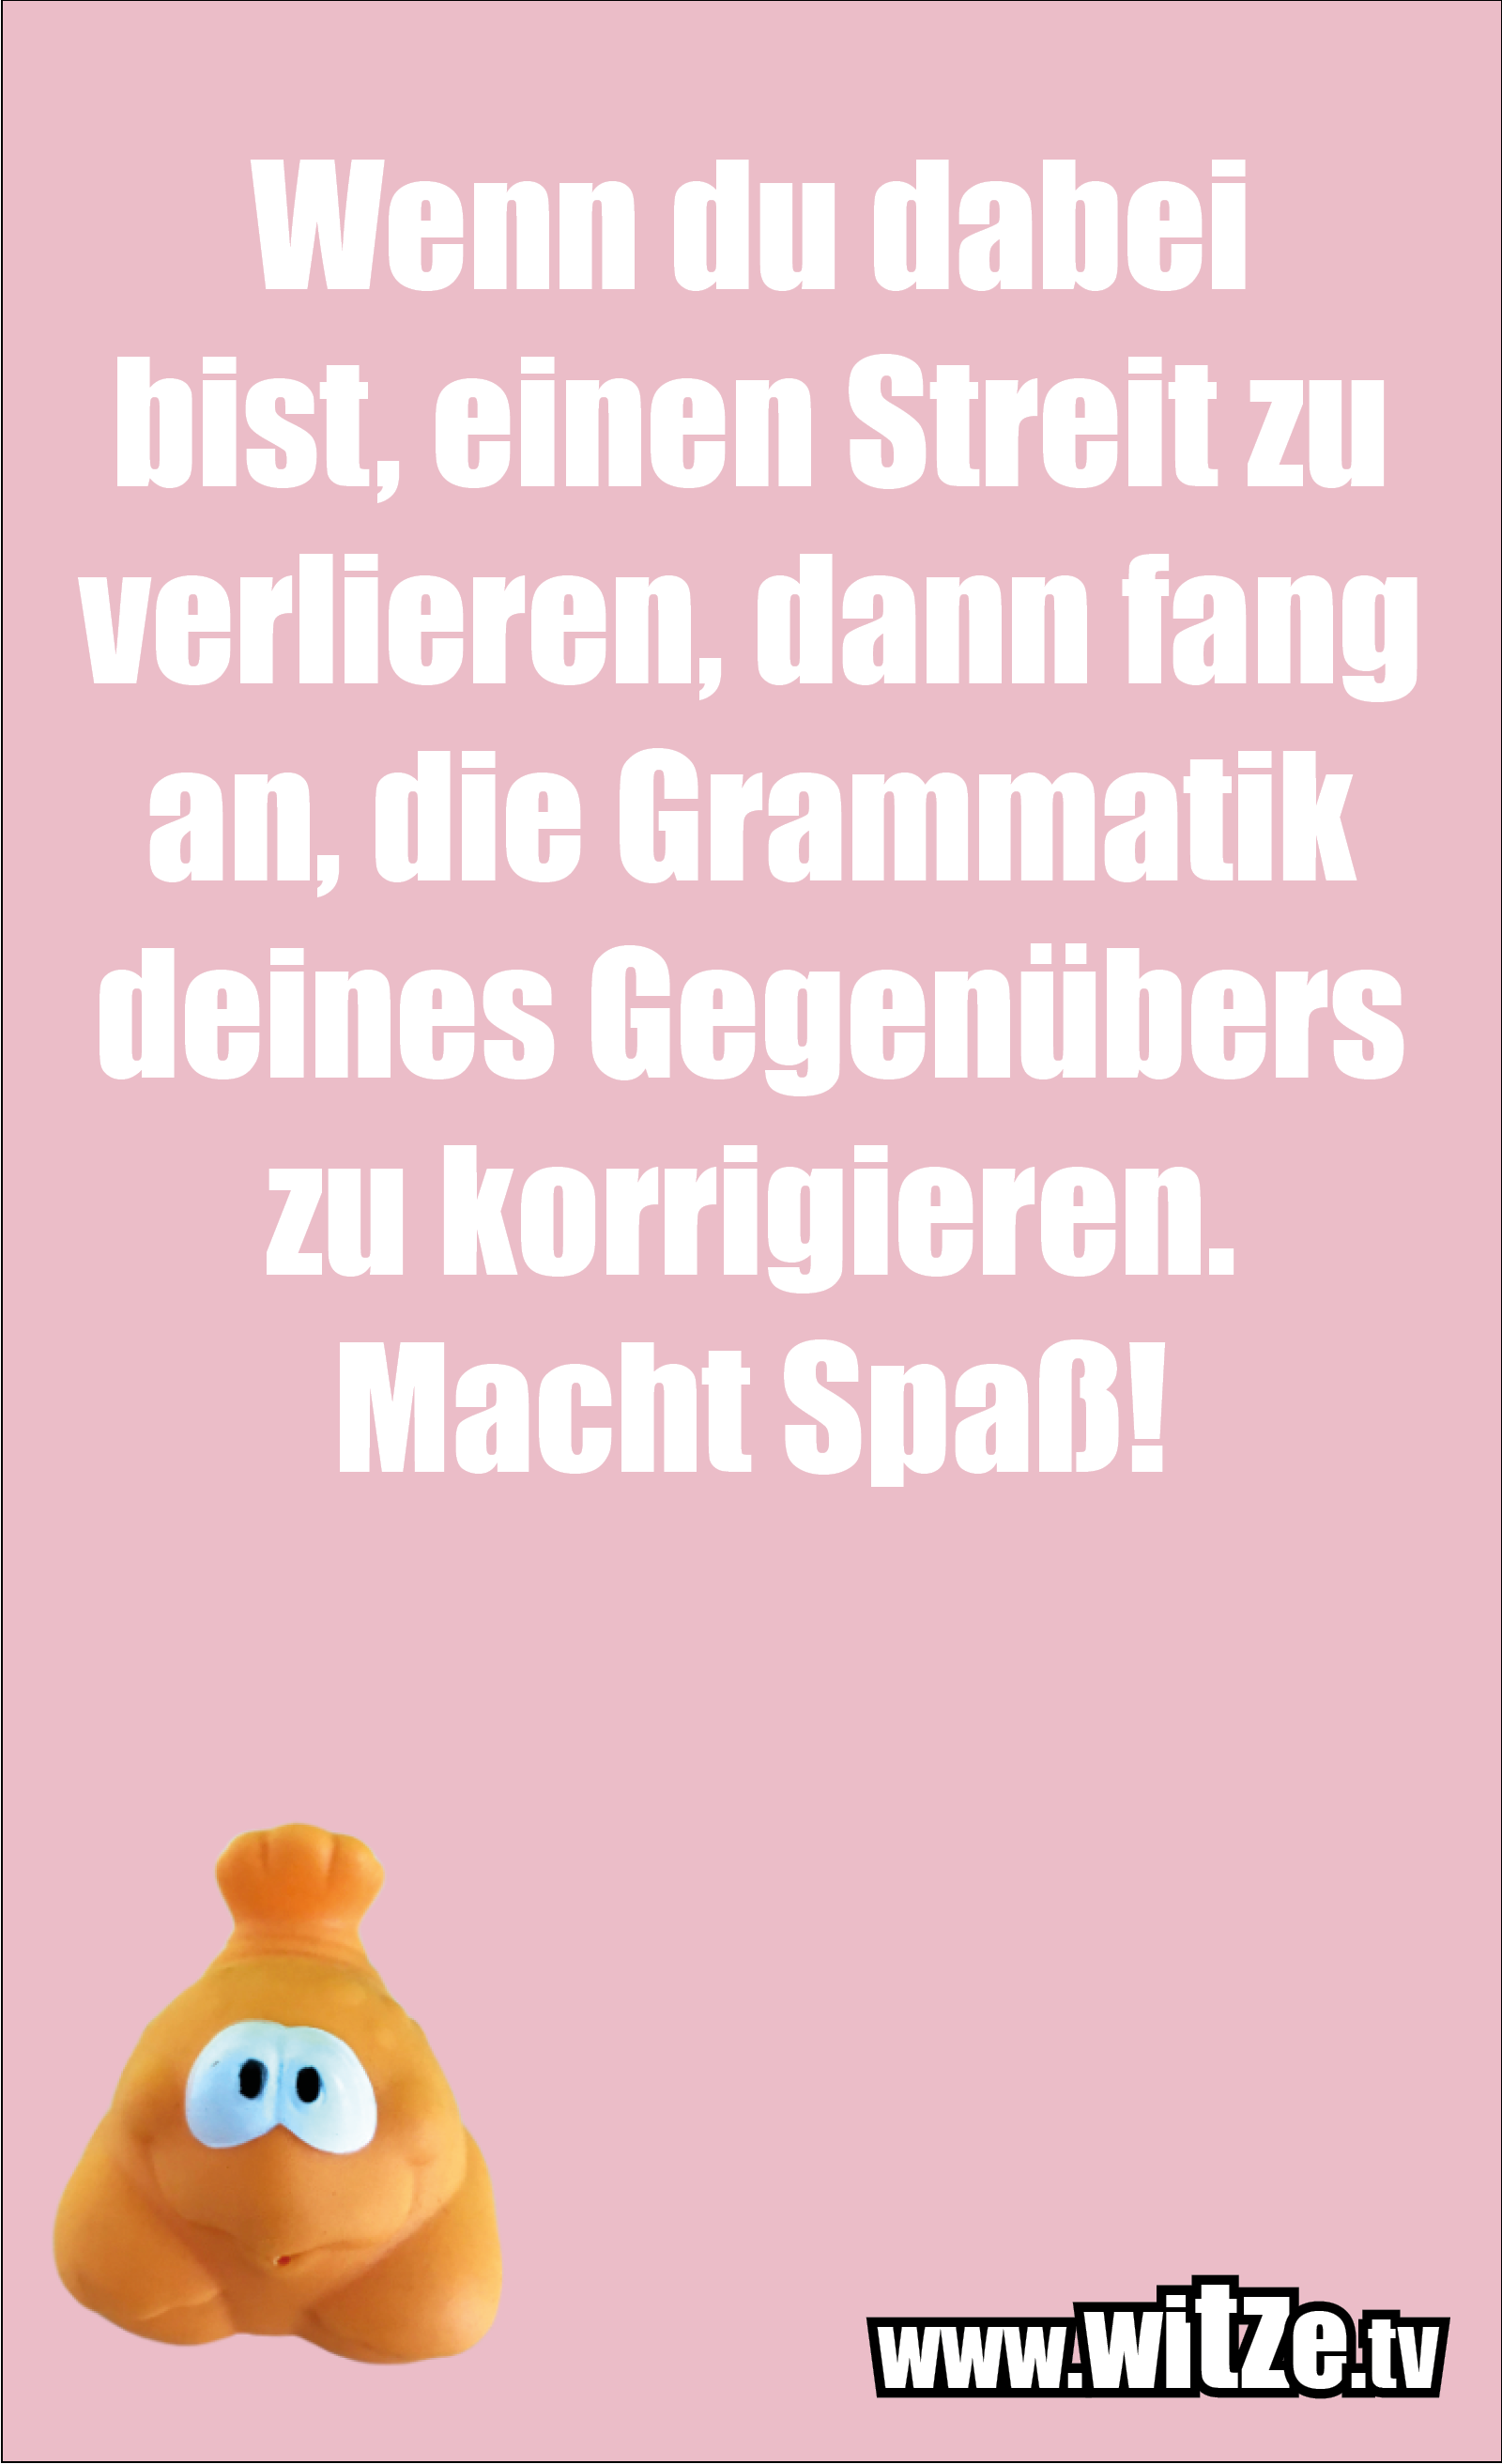 Sarkasmus Sprüche: Wenn du dabei bist, einen Streit zu verlieren, dann fang an, die Grammatik deines Gegenübers zu korrigieren. Macht Spaß!